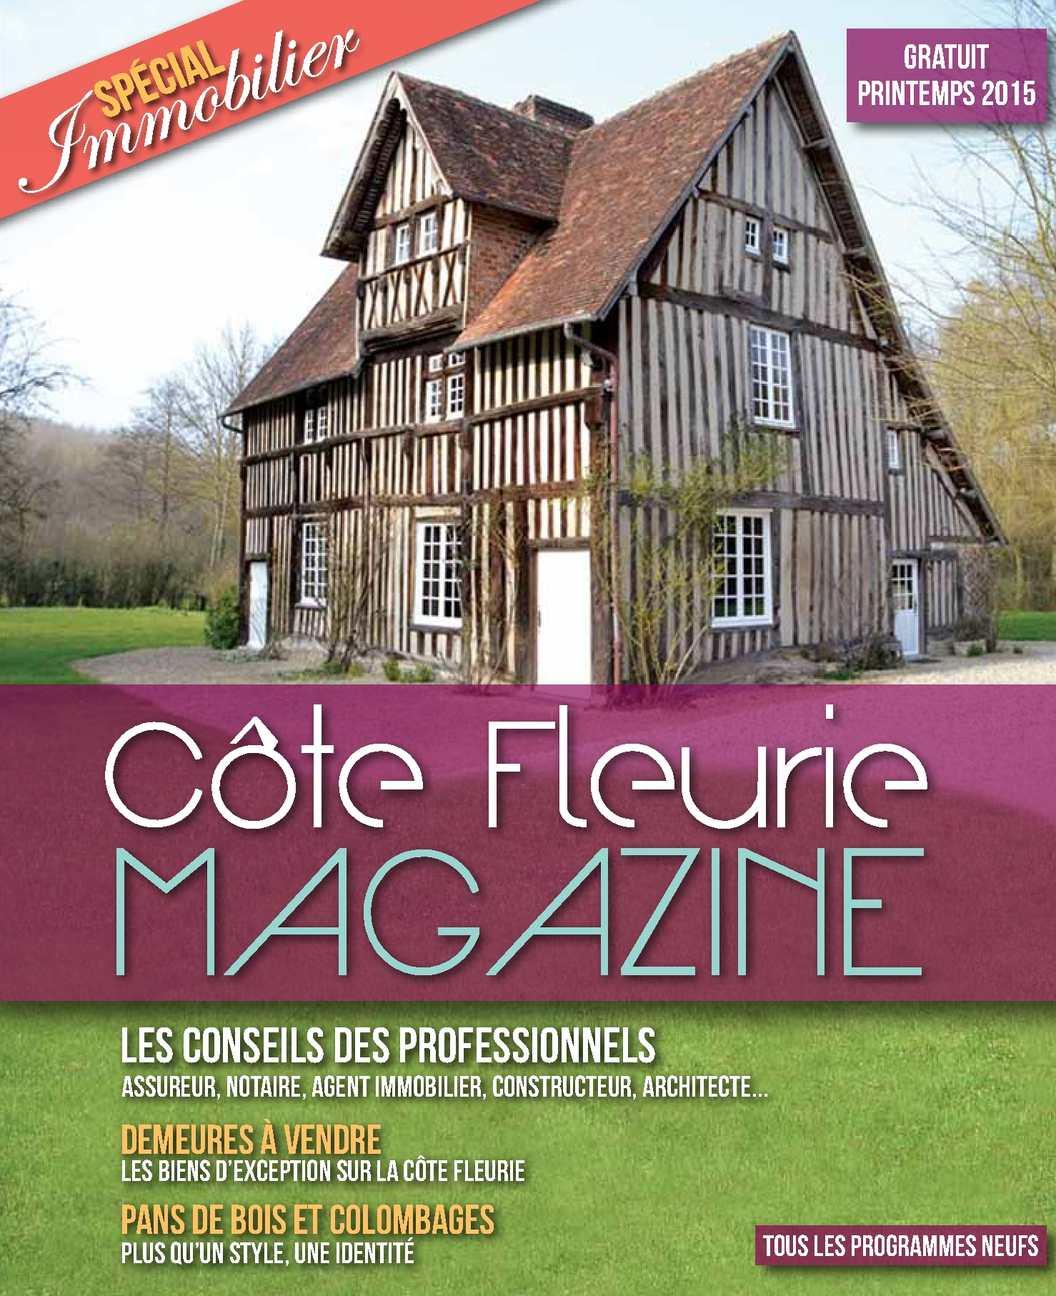 Côte Fleurie Magazine Spécial Immobilier 2015